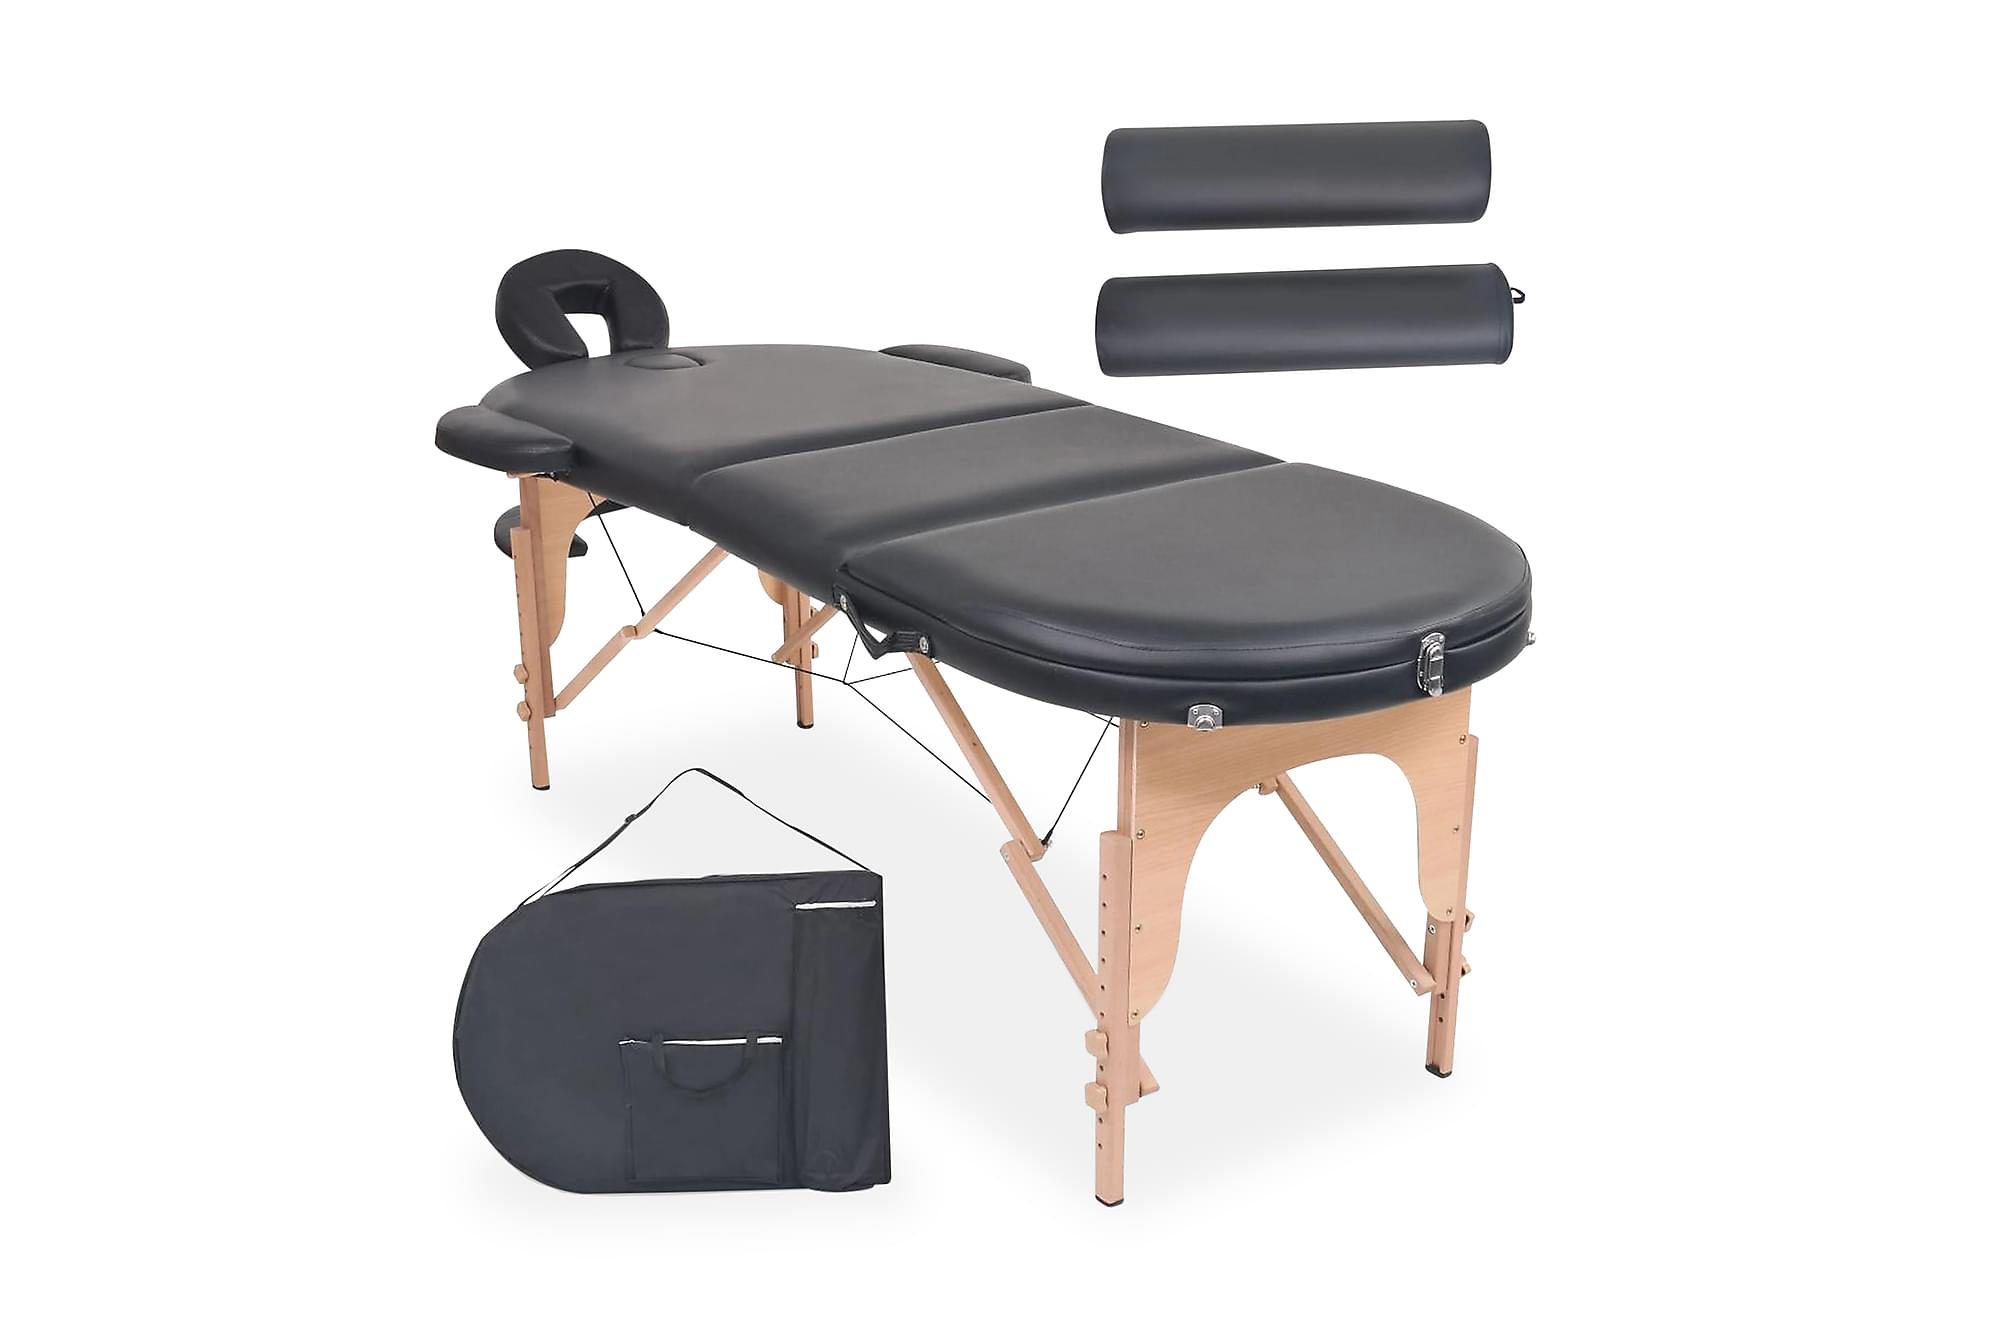 Hopfällbar massagebänk 10 cm tjock med 2 bolster oval svart